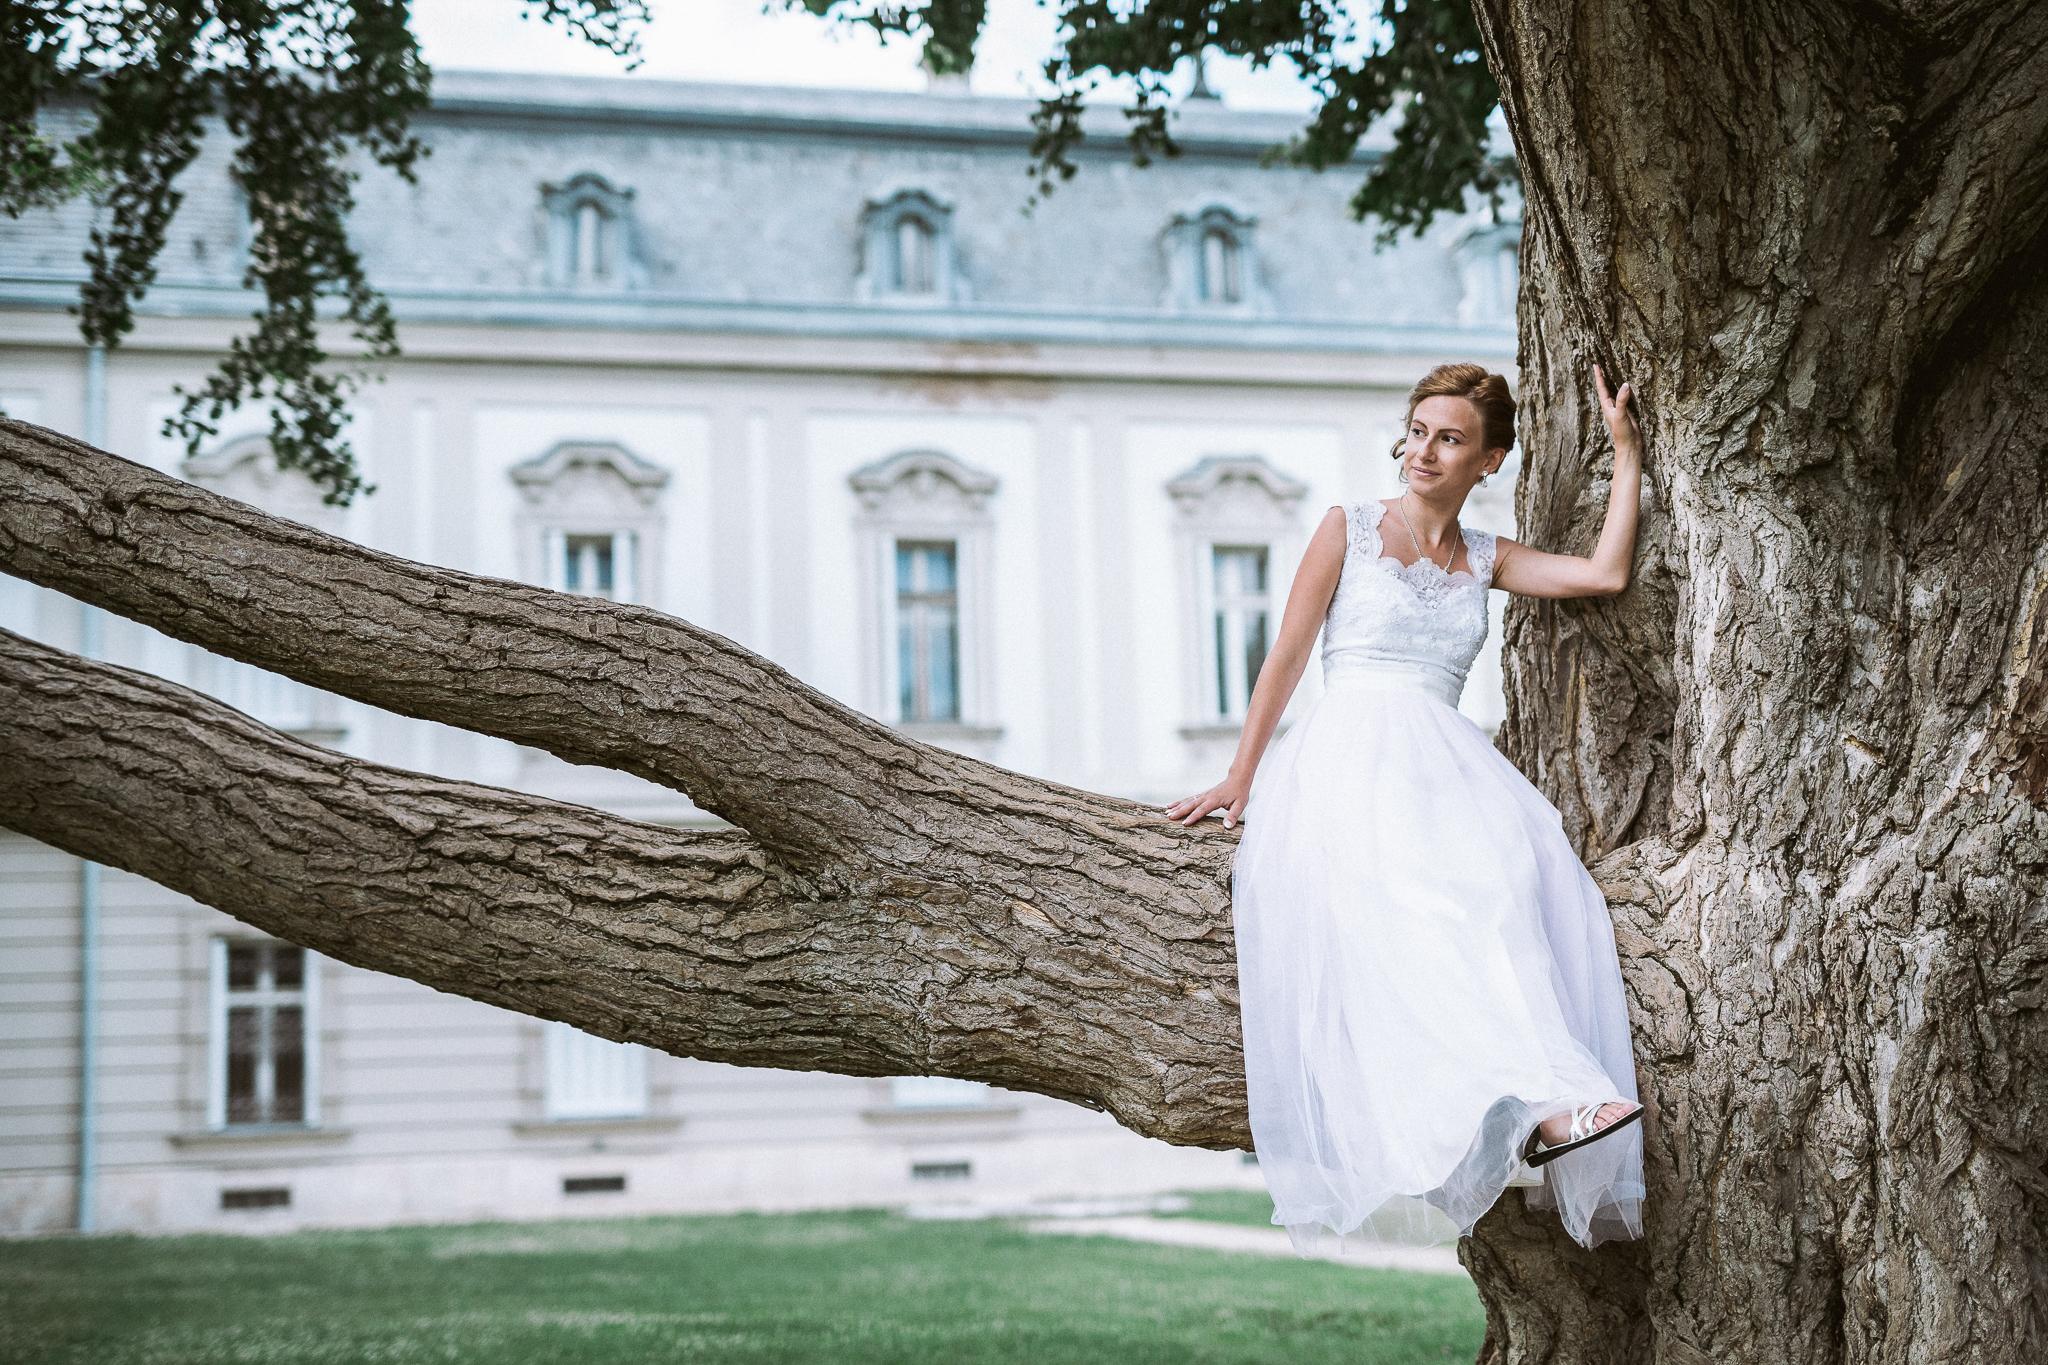 FylepPhoto, esküvőfotós, esküvői fotós Körmend, Szombathely, esküvőfotózás, magyarország, vas megye, prémium, jegyesfotózás, Fülöp Péter, körmend, kreatív, fotográfus_08-2.jpg